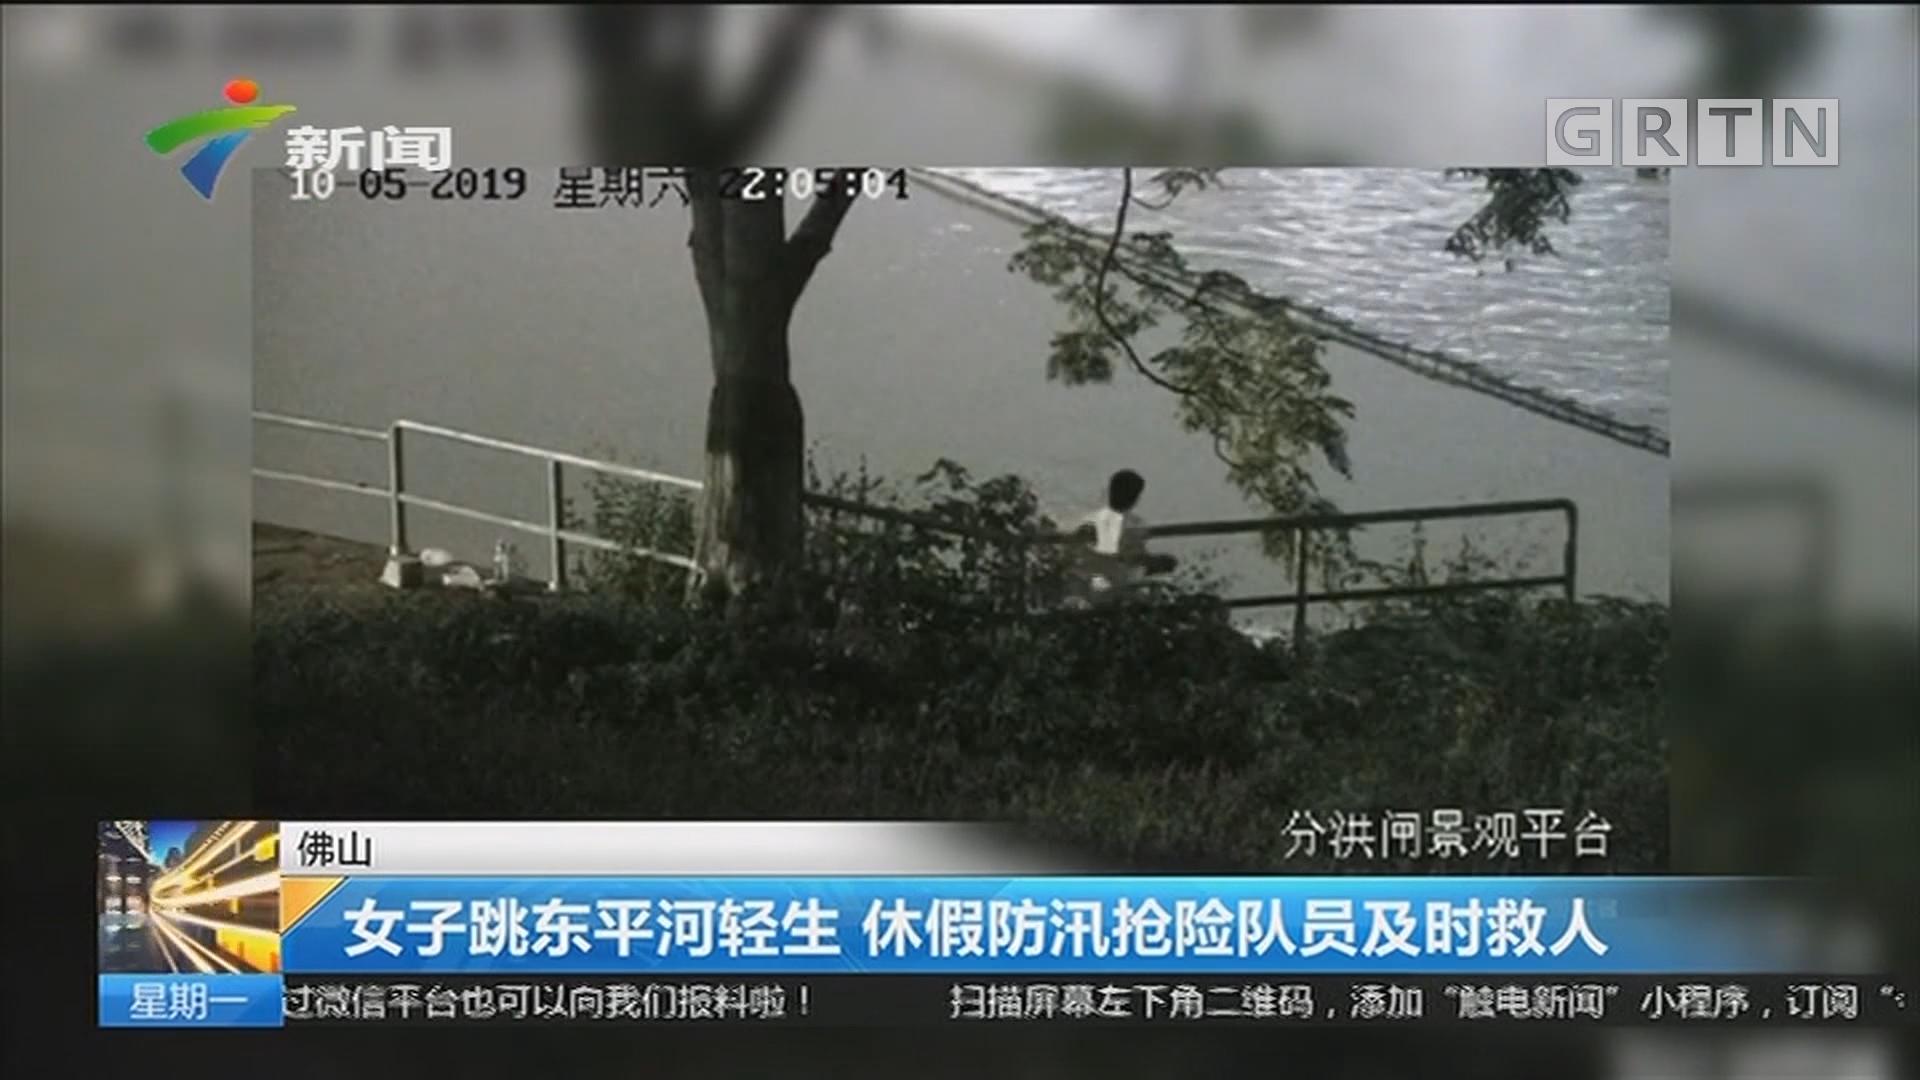 佛山:女子跳东平河轻生 休假防汛抢险队员及时救人